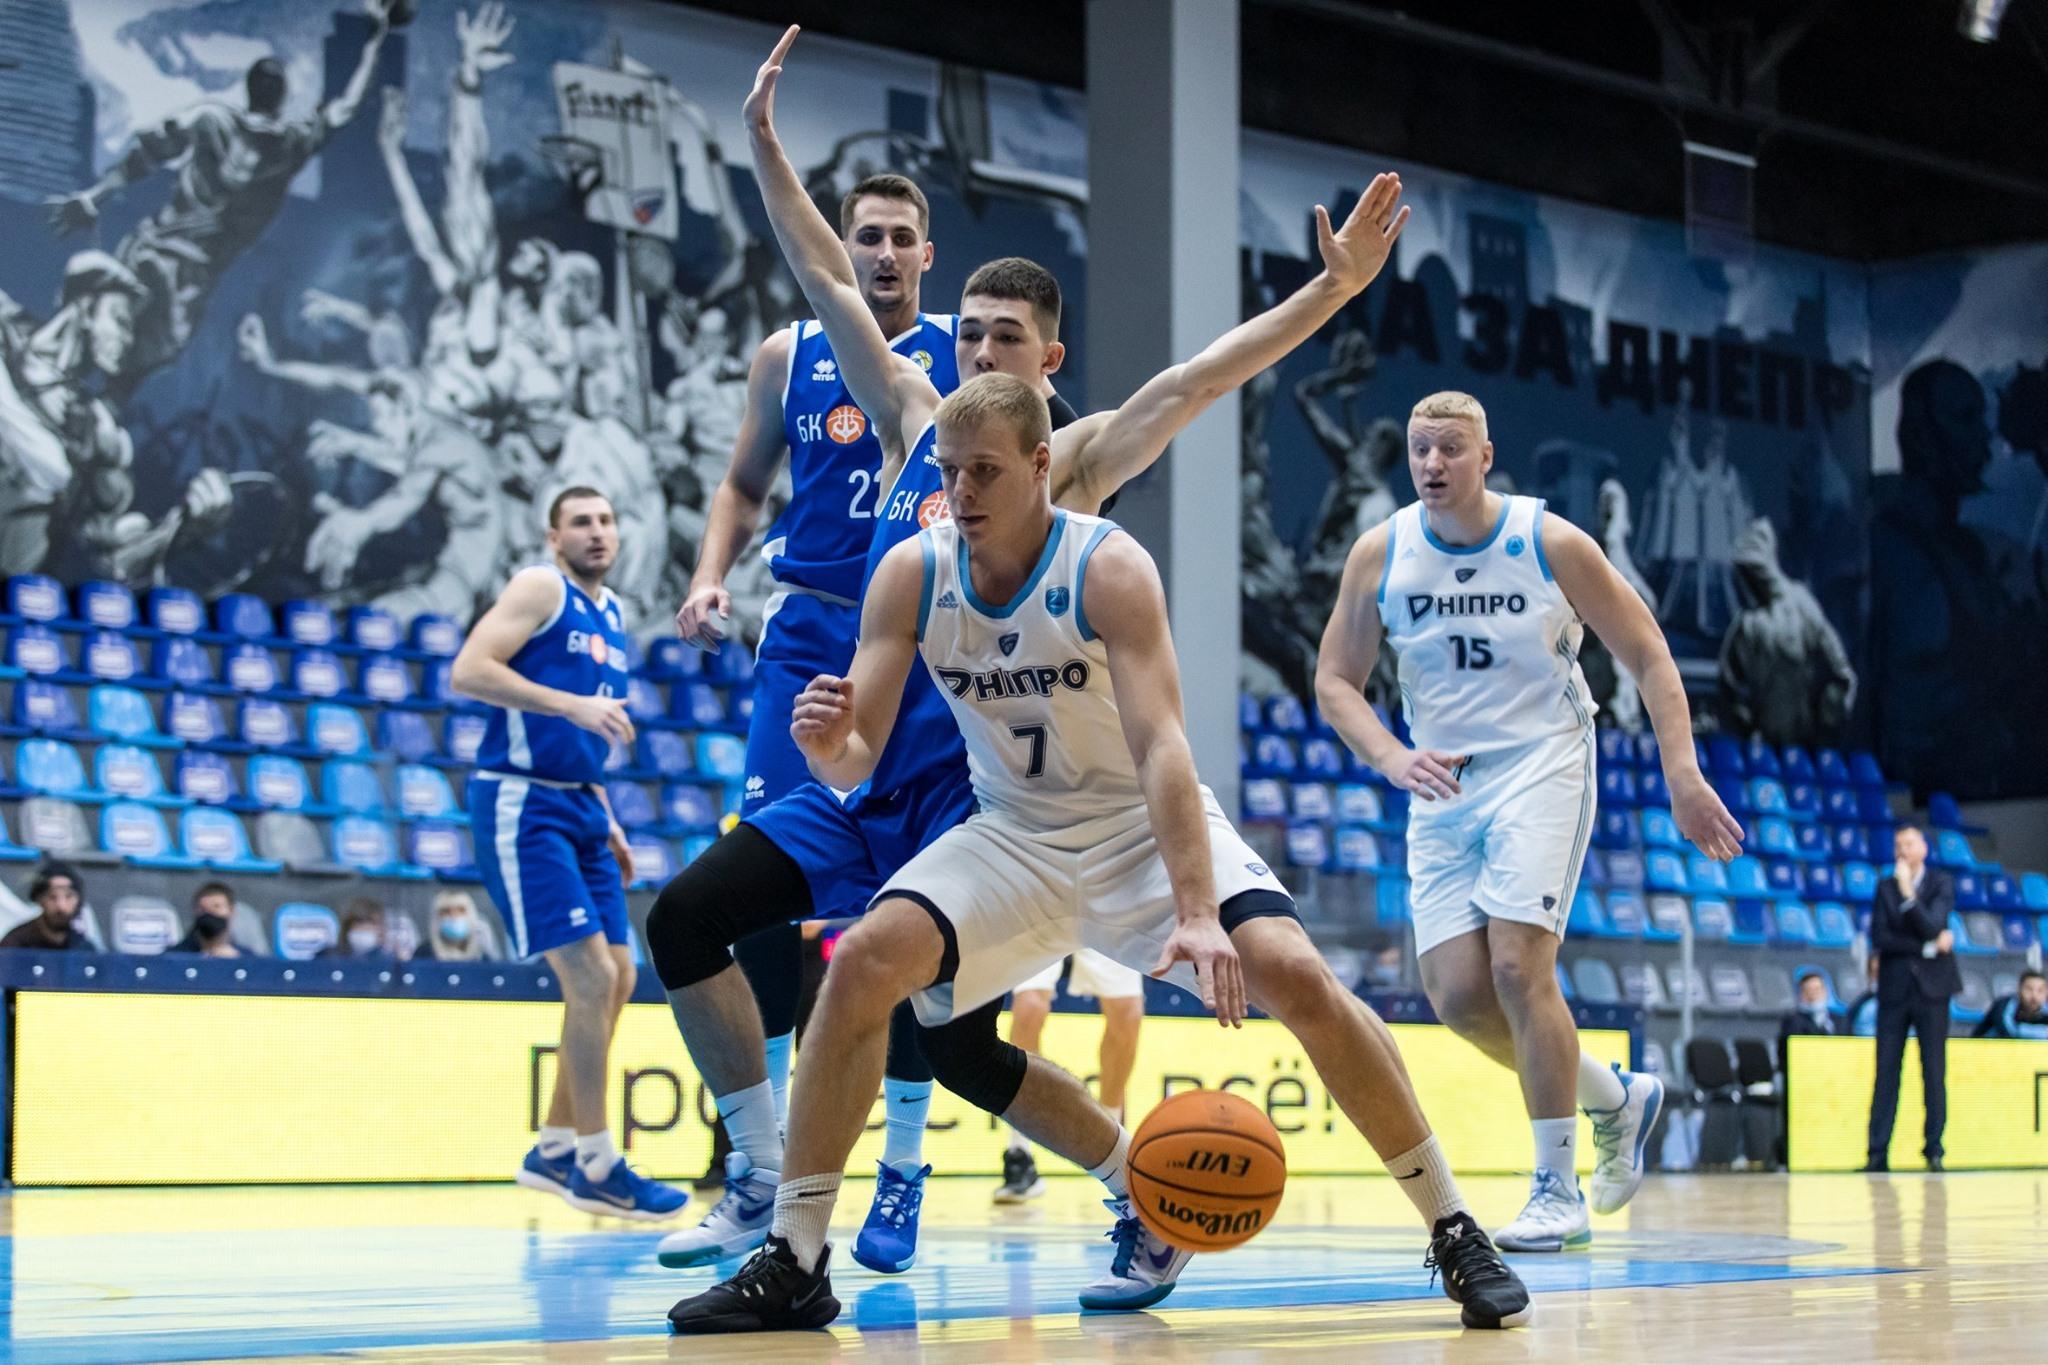 Анатолій Шундель — найкращий гравець листопада в Суперлізі Паріматч